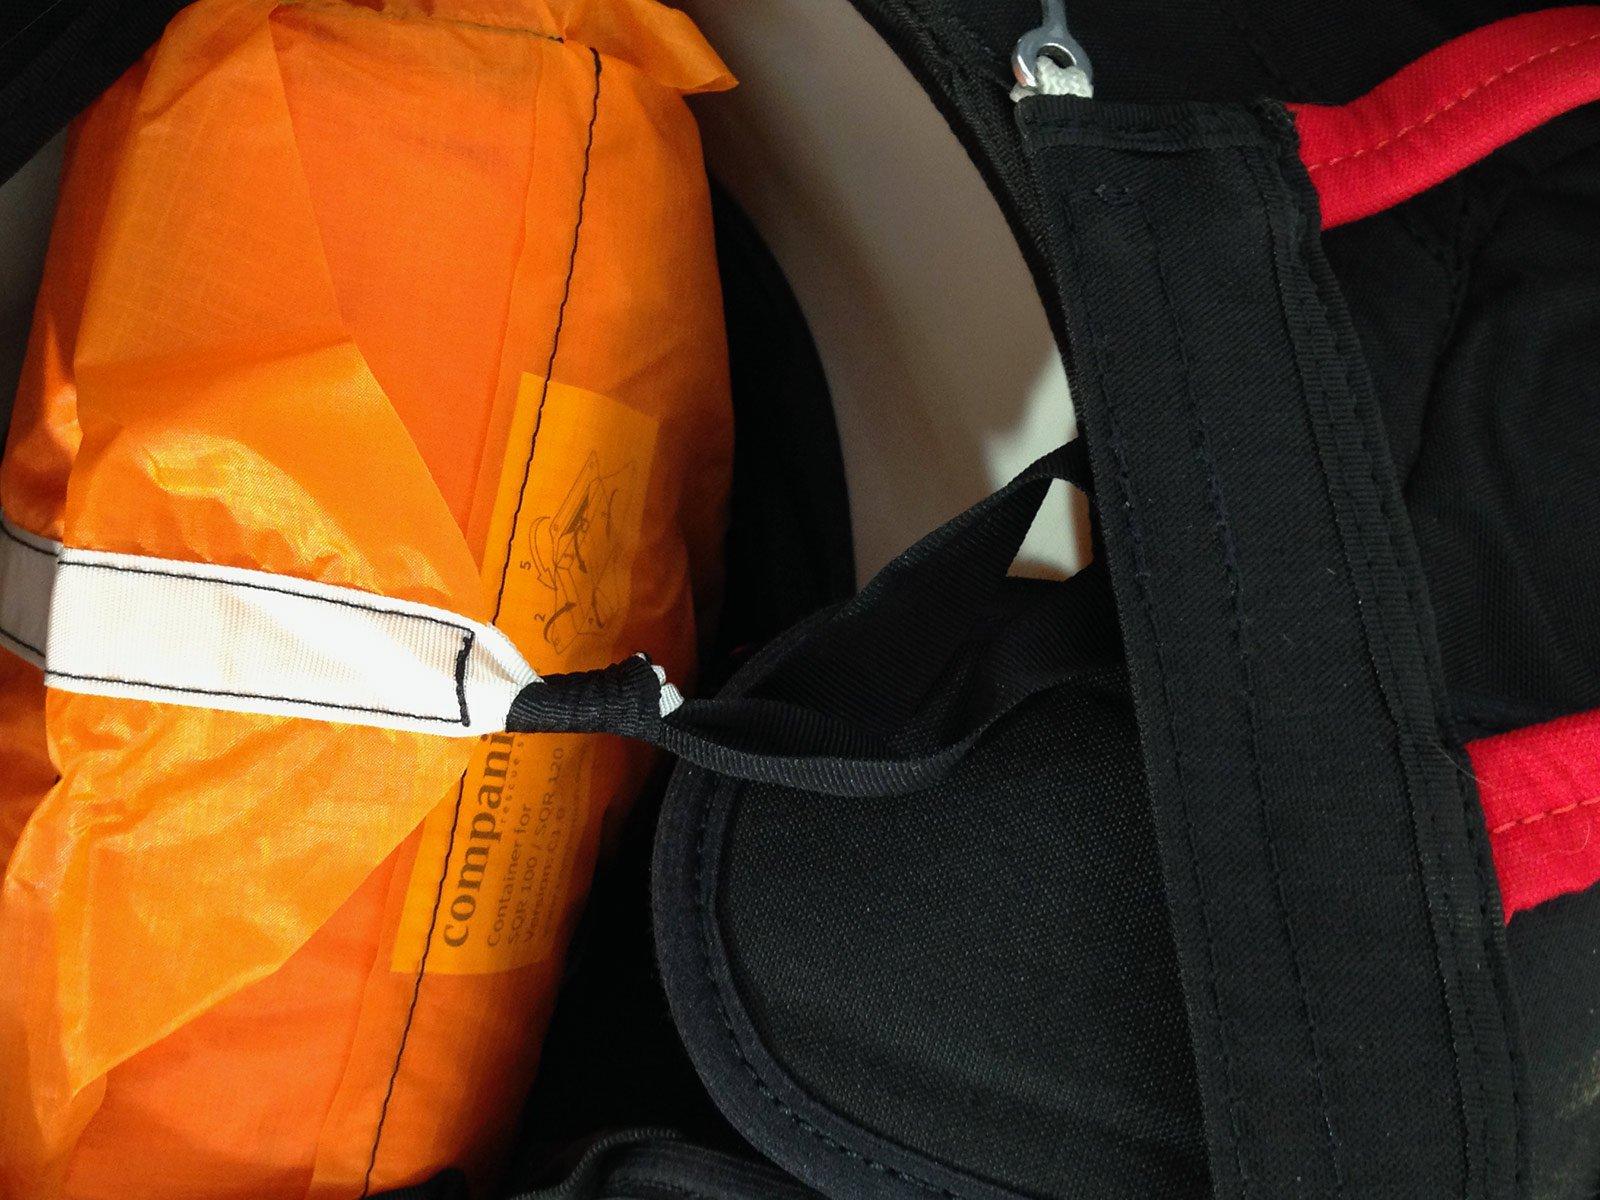 Rettung Packen Prüfen des ordnungsgemäßen Einbaus der Rettung, Öffnungsverhalten, Baujahr